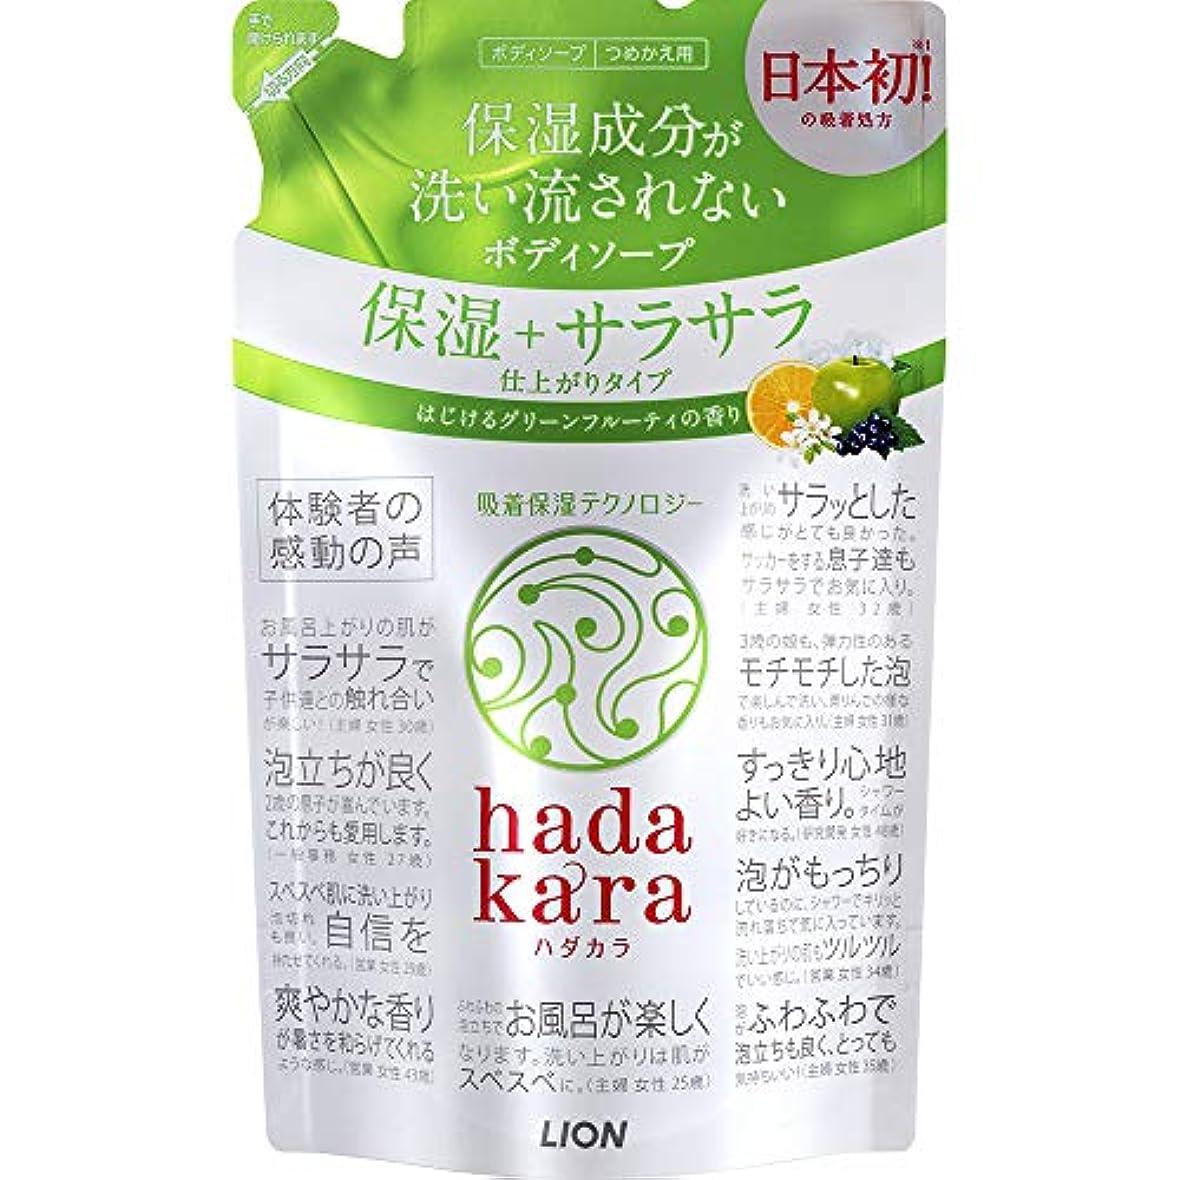 窒素池害hadakara(ハダカラ) ボディソープ 保湿+サラサラ仕上がりタイプ グリーンフルーティの香り 詰め替え 340ml